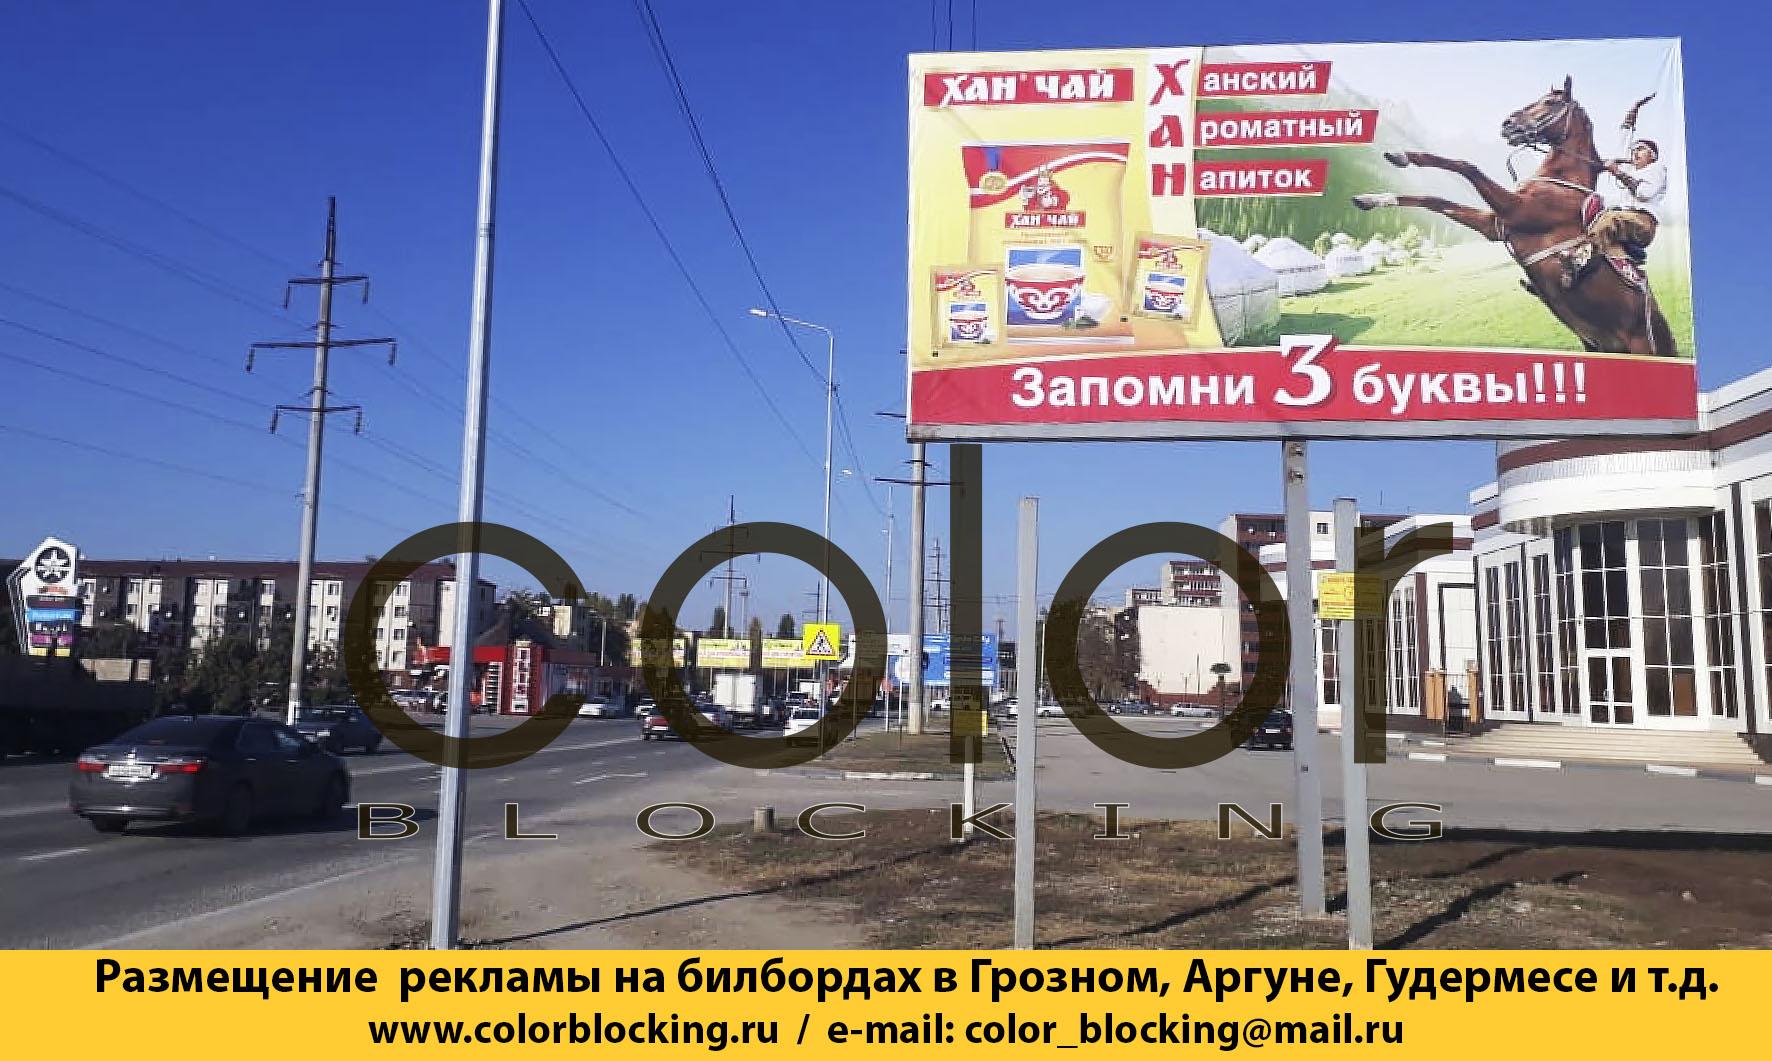 Реклама на билбордах в Грозном размещение